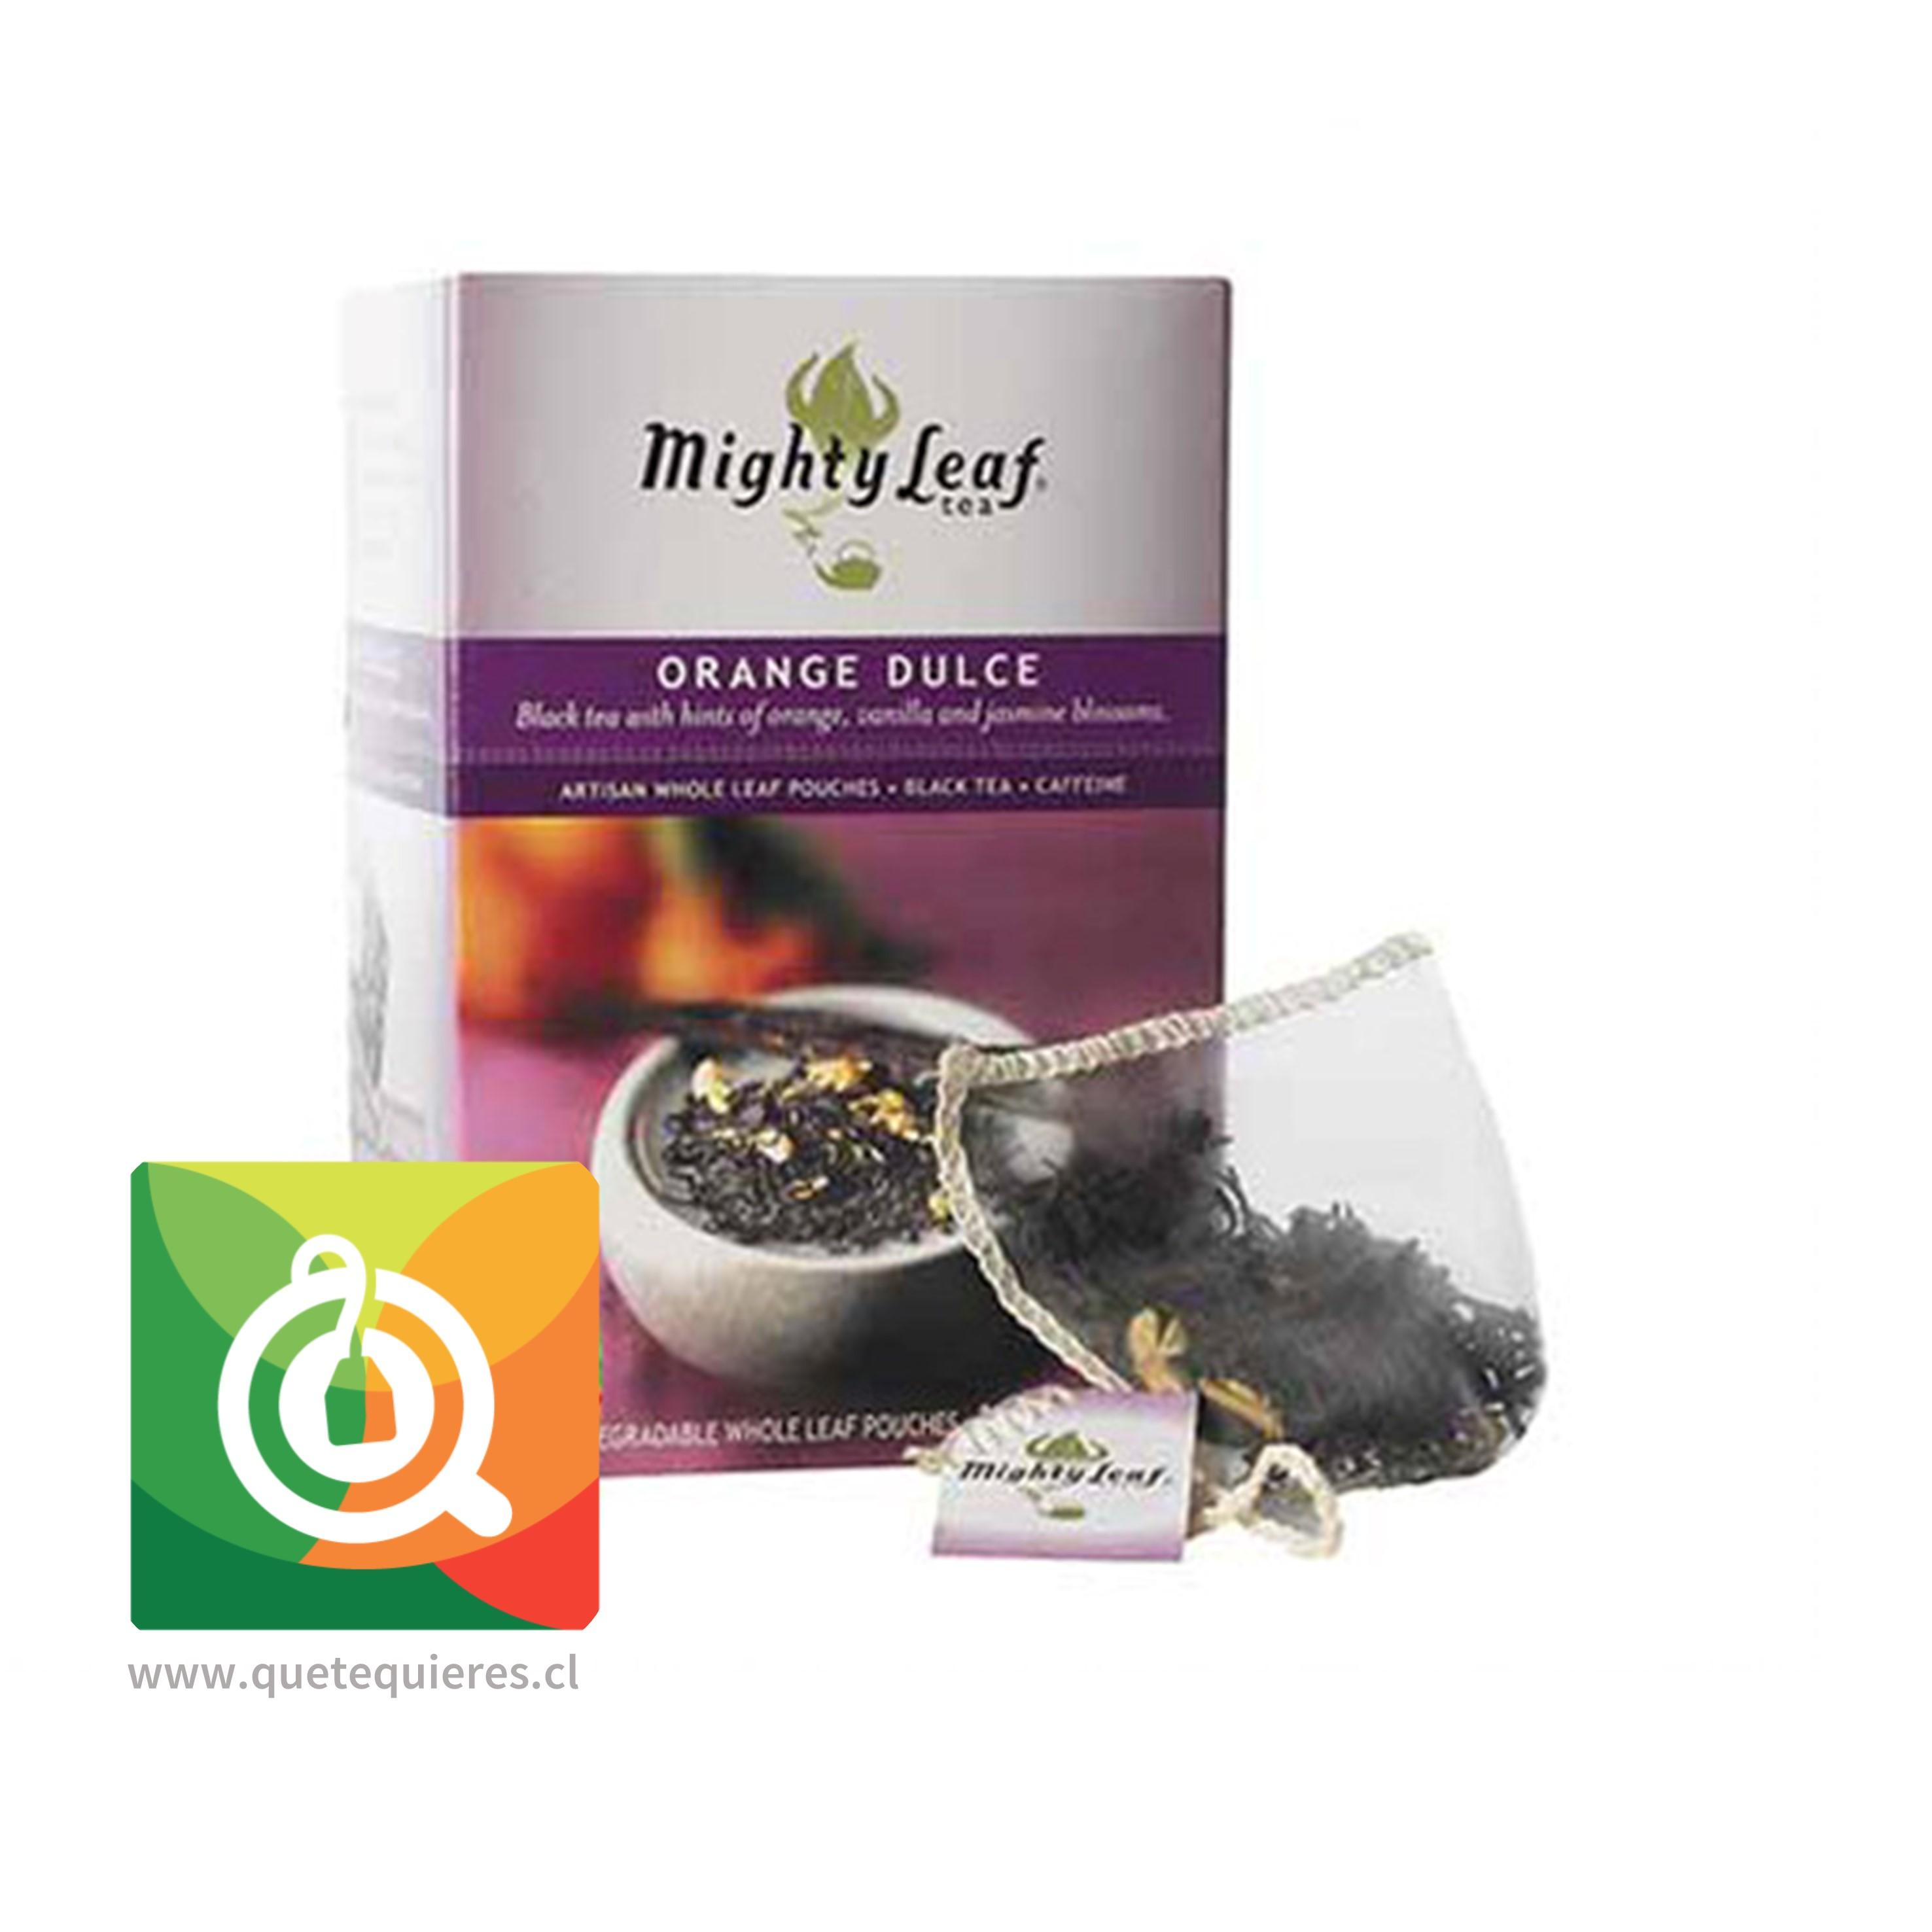 Mighty Leaf Té Negro Descafeinado - Decaf Breakfast- Image 1